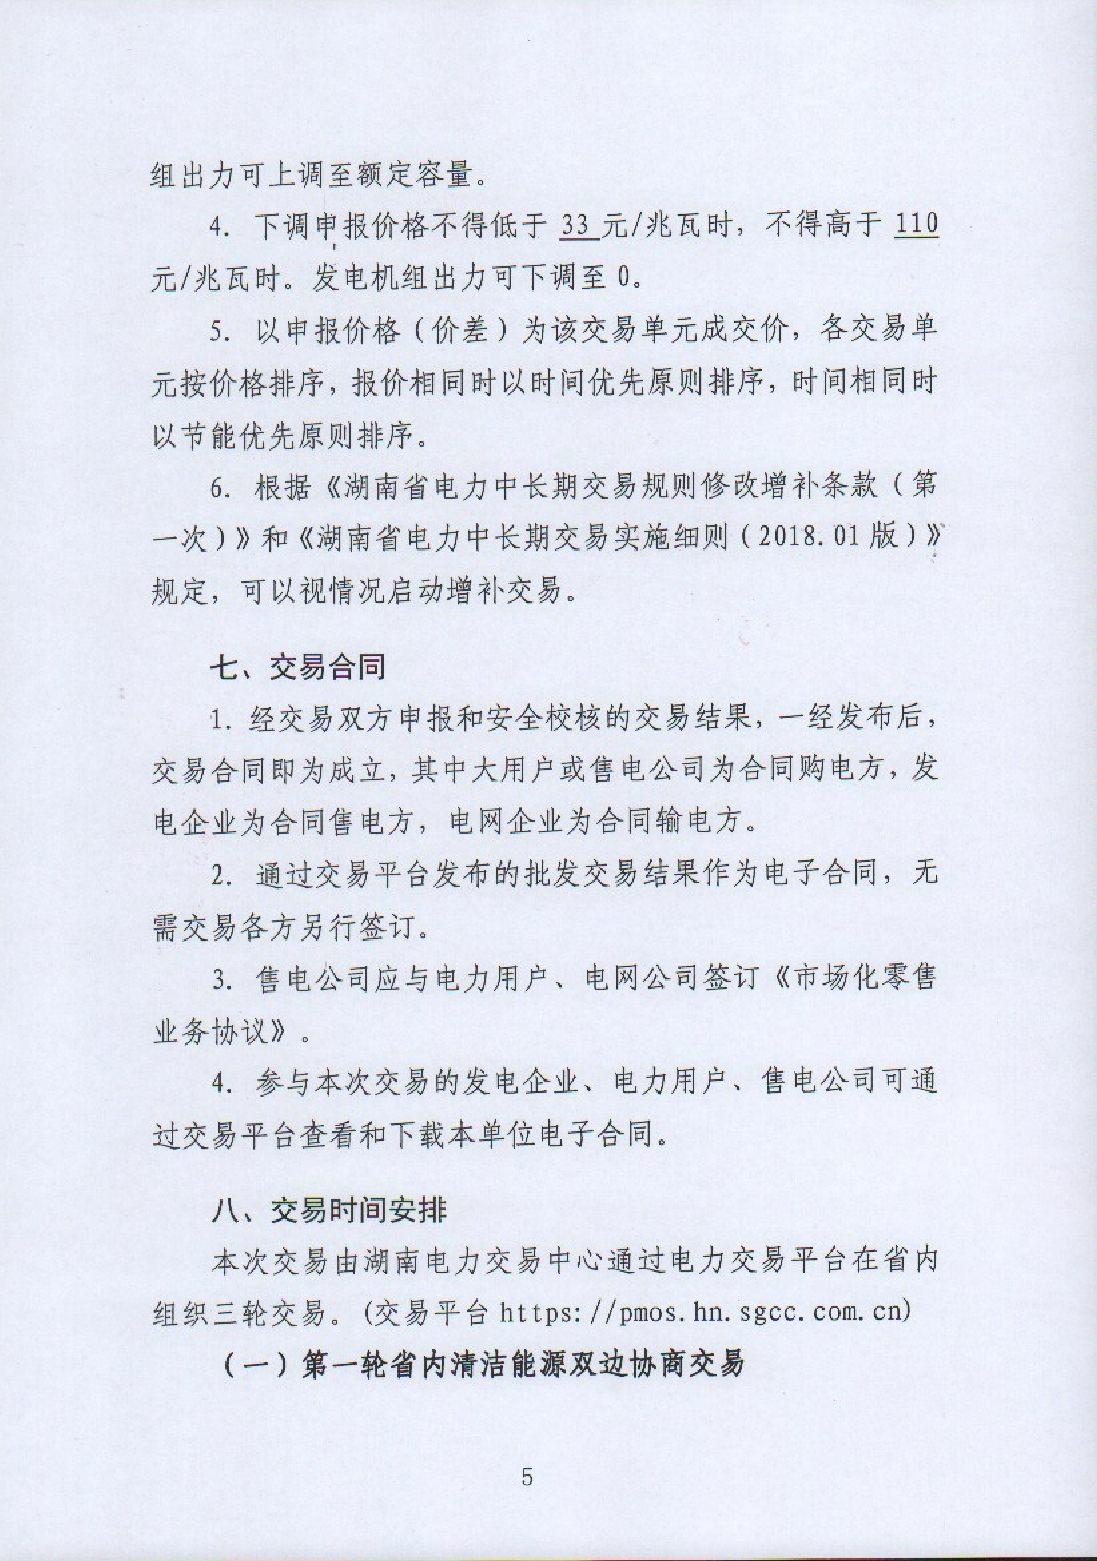 2019年第6號交易公告(5月月度交易).pdf_page_05_compressed.jpg